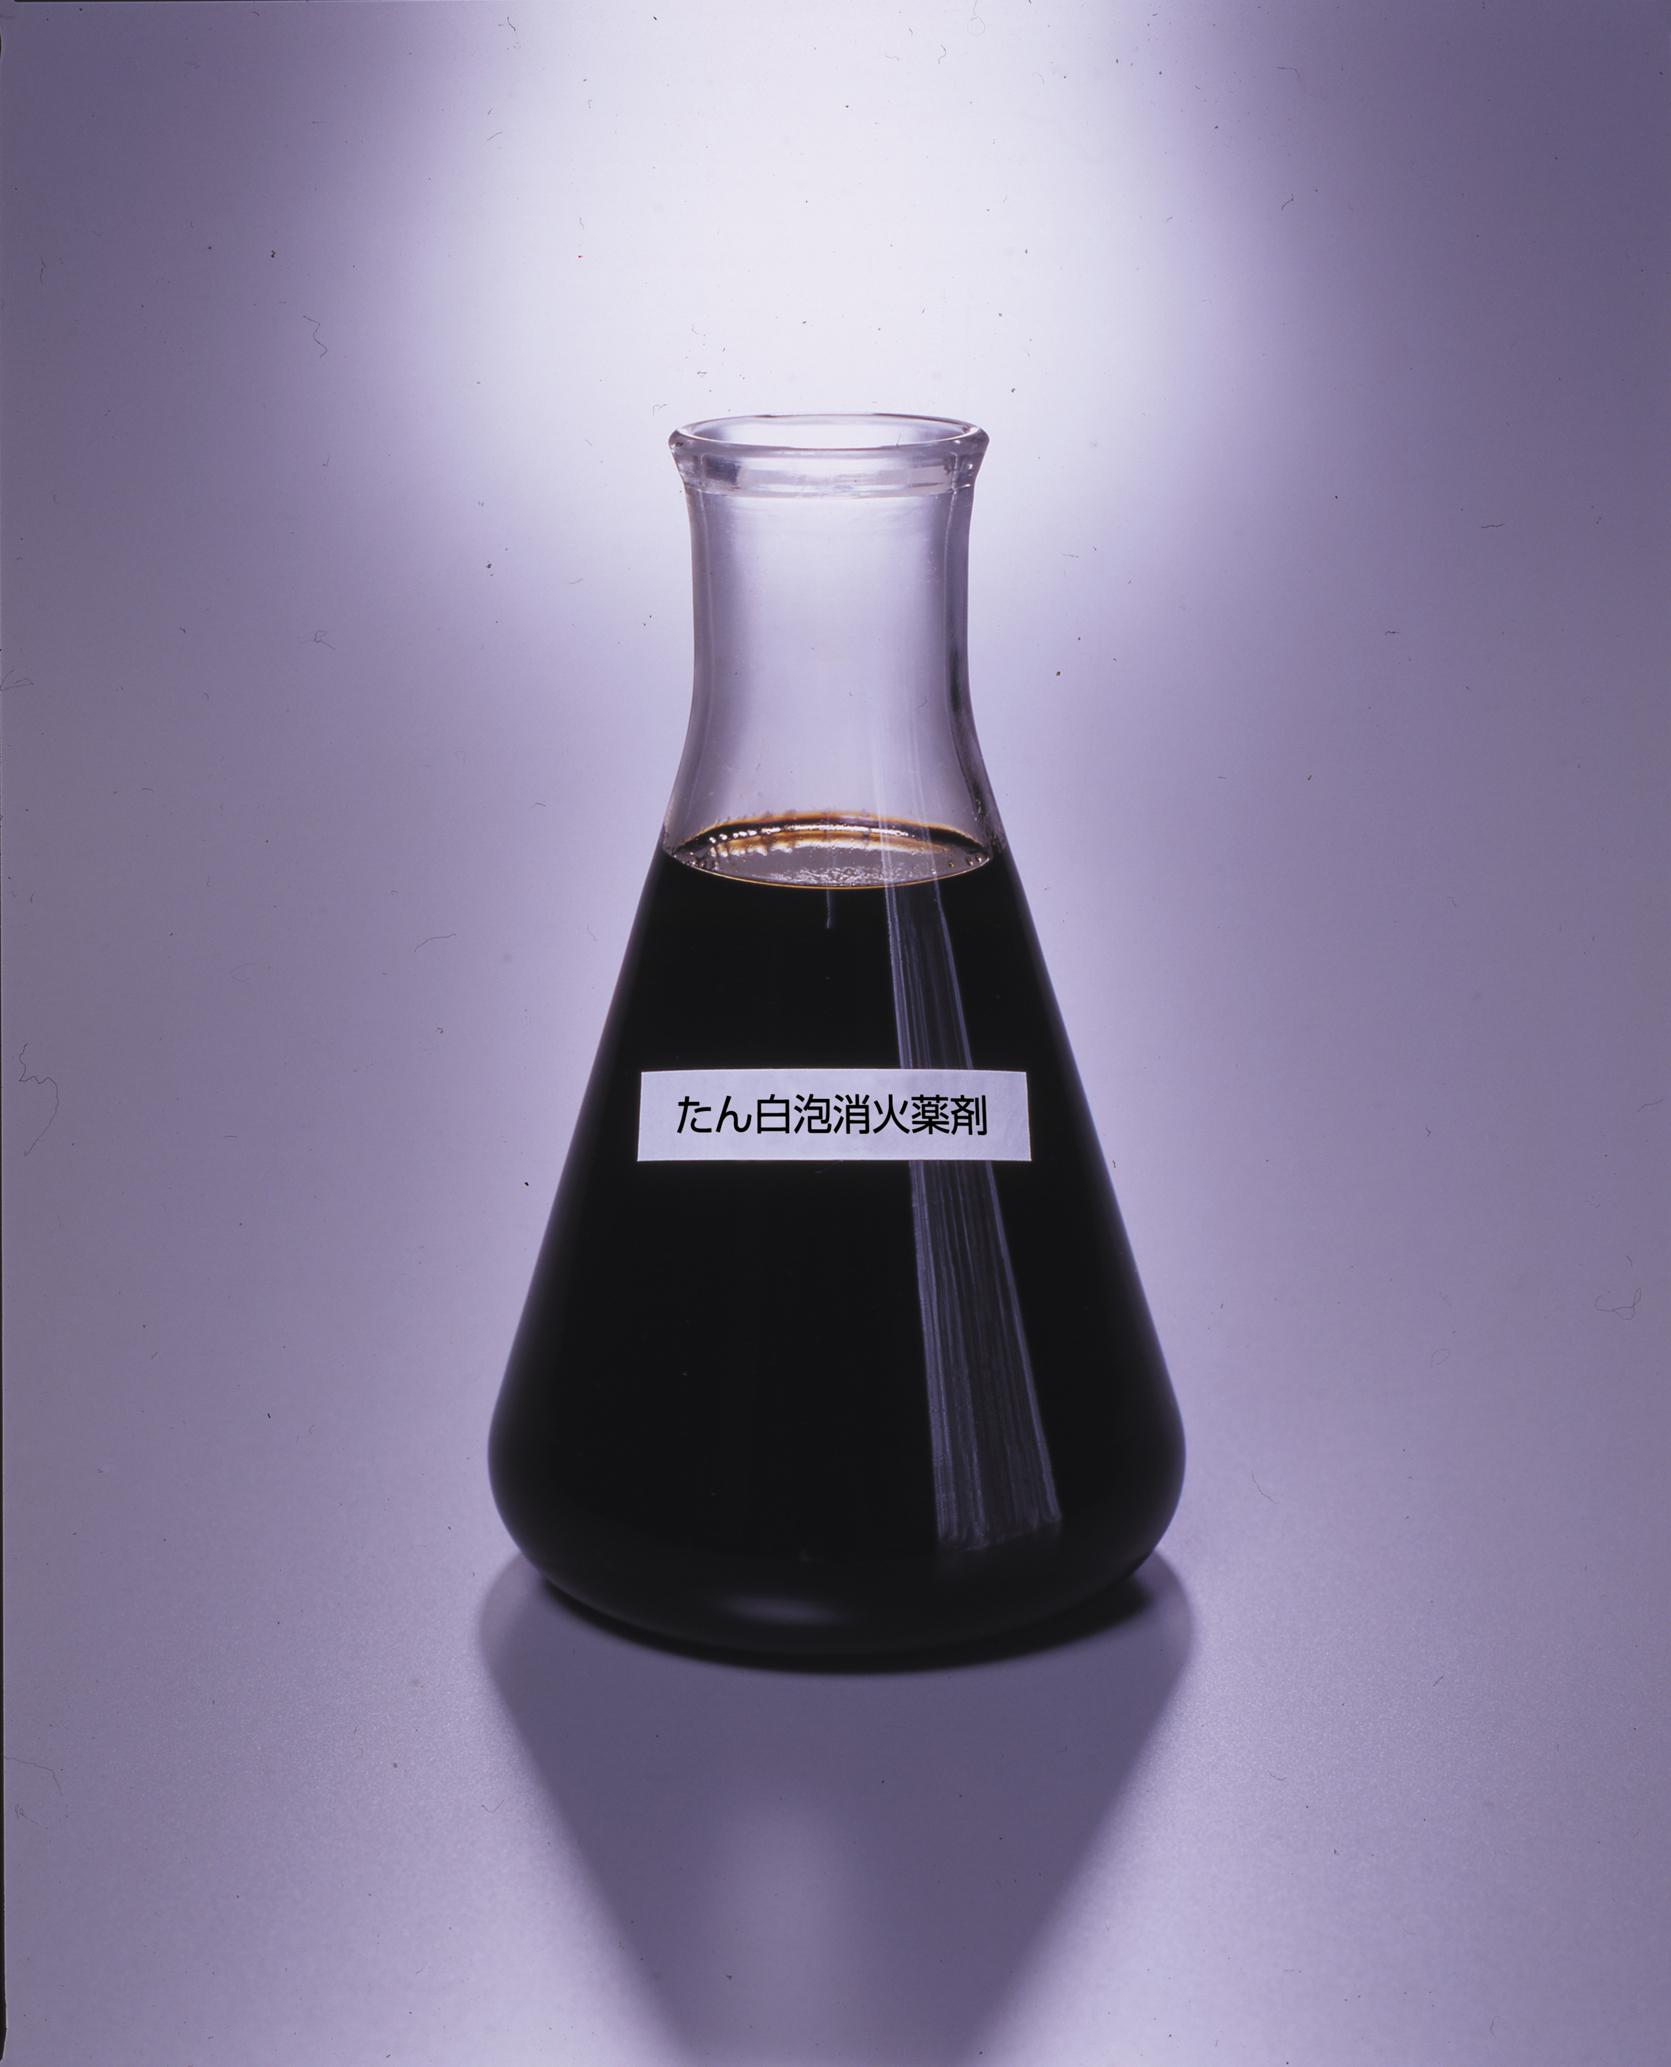 たん白泡消火薬剤エアフォーム/2&3